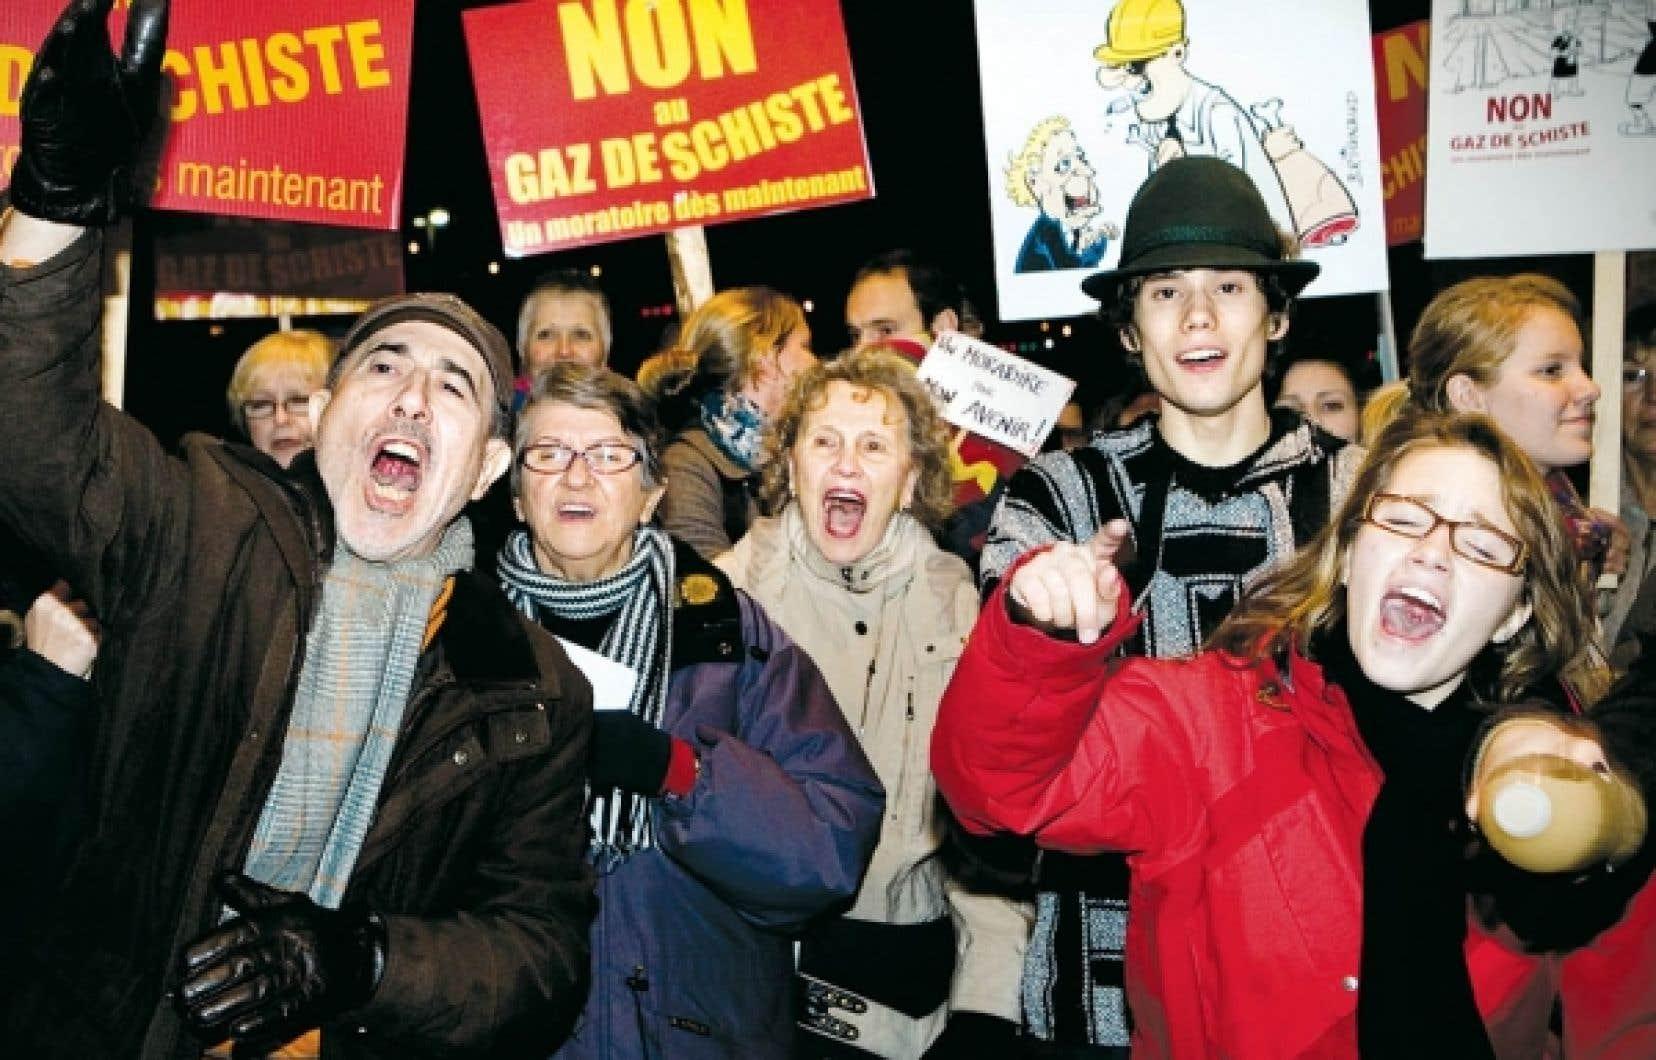 Des dizaines de personnes manifestaient contre l'éclosion de la filière des gaz de schiste, en octobre dernier, en marge des consultations du Bureau d'audiences publiques en environnement (BAPE) sur le développement durable de cette industrie au Québec.